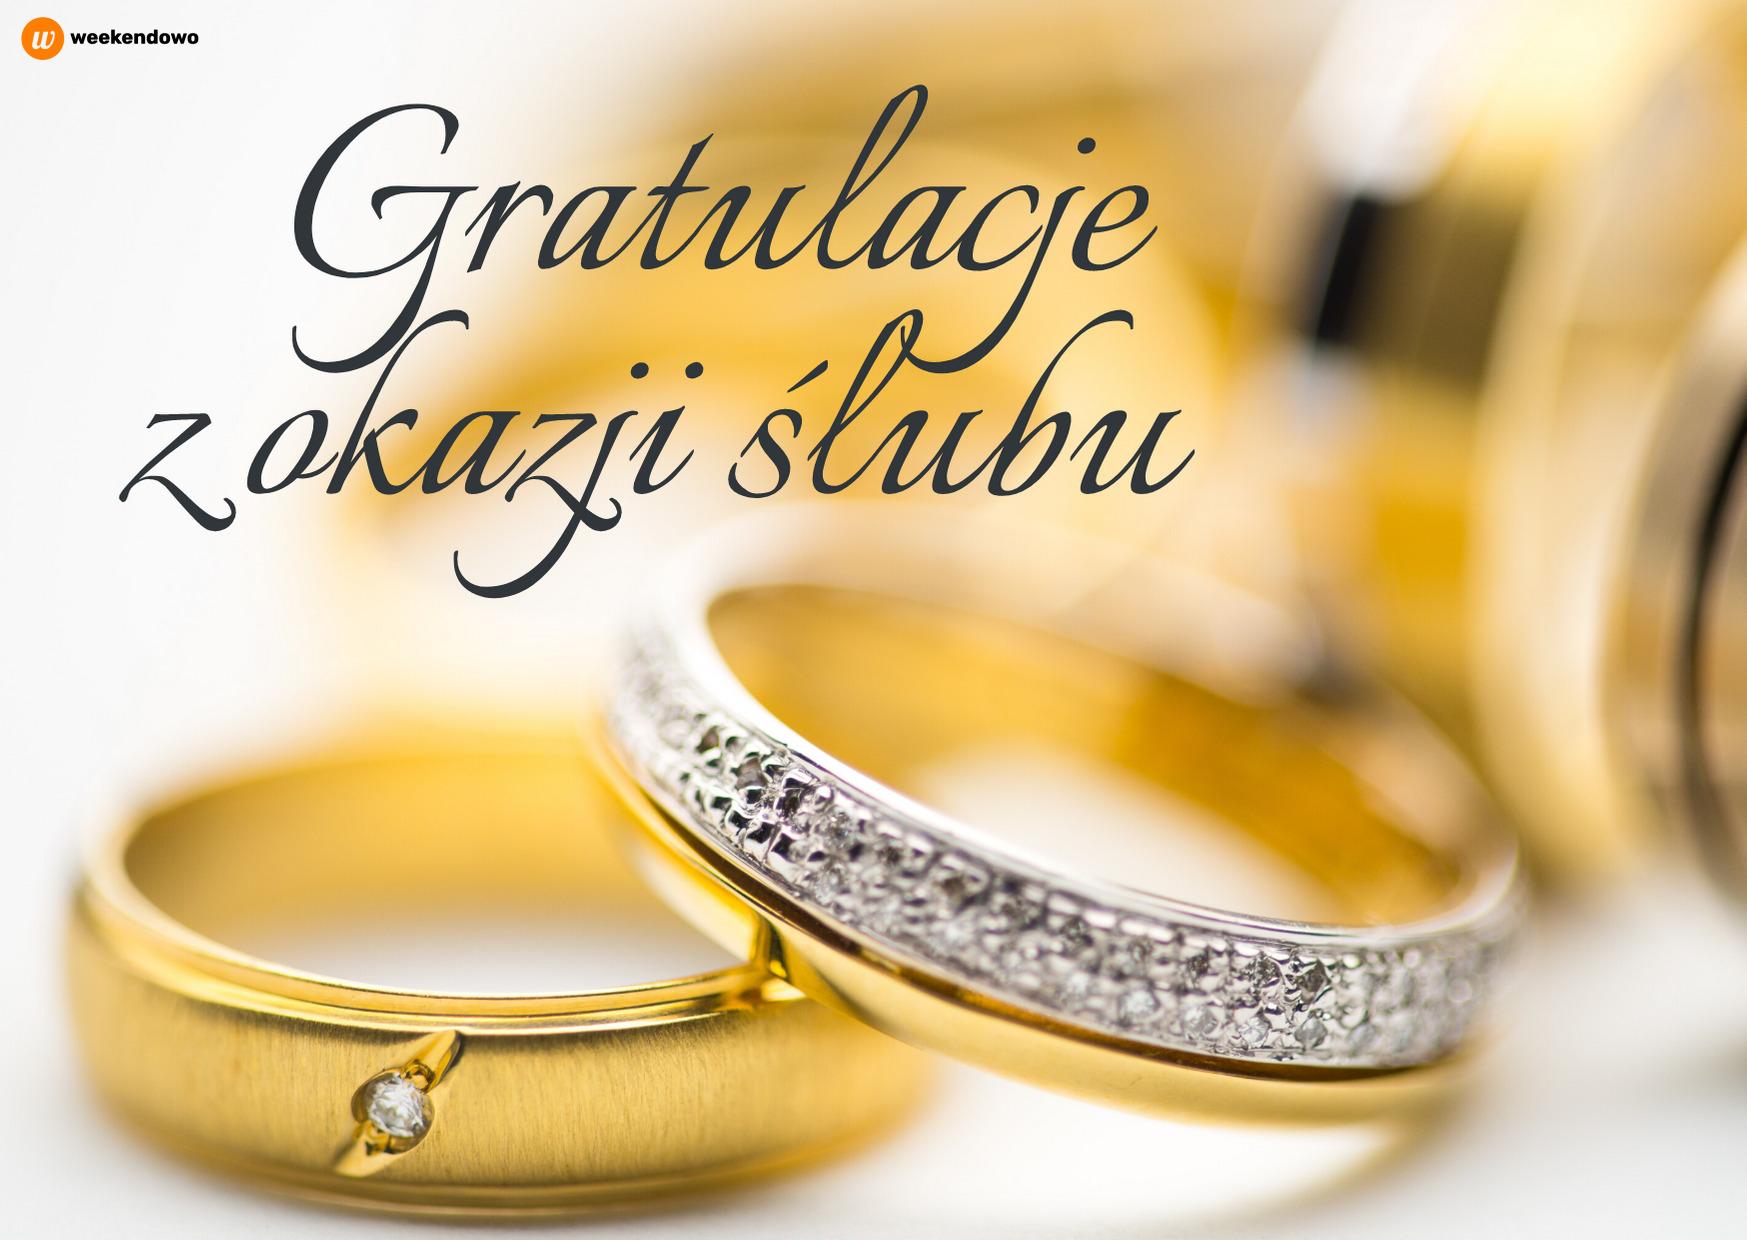 Gratulacje z okazji ślubu kartka